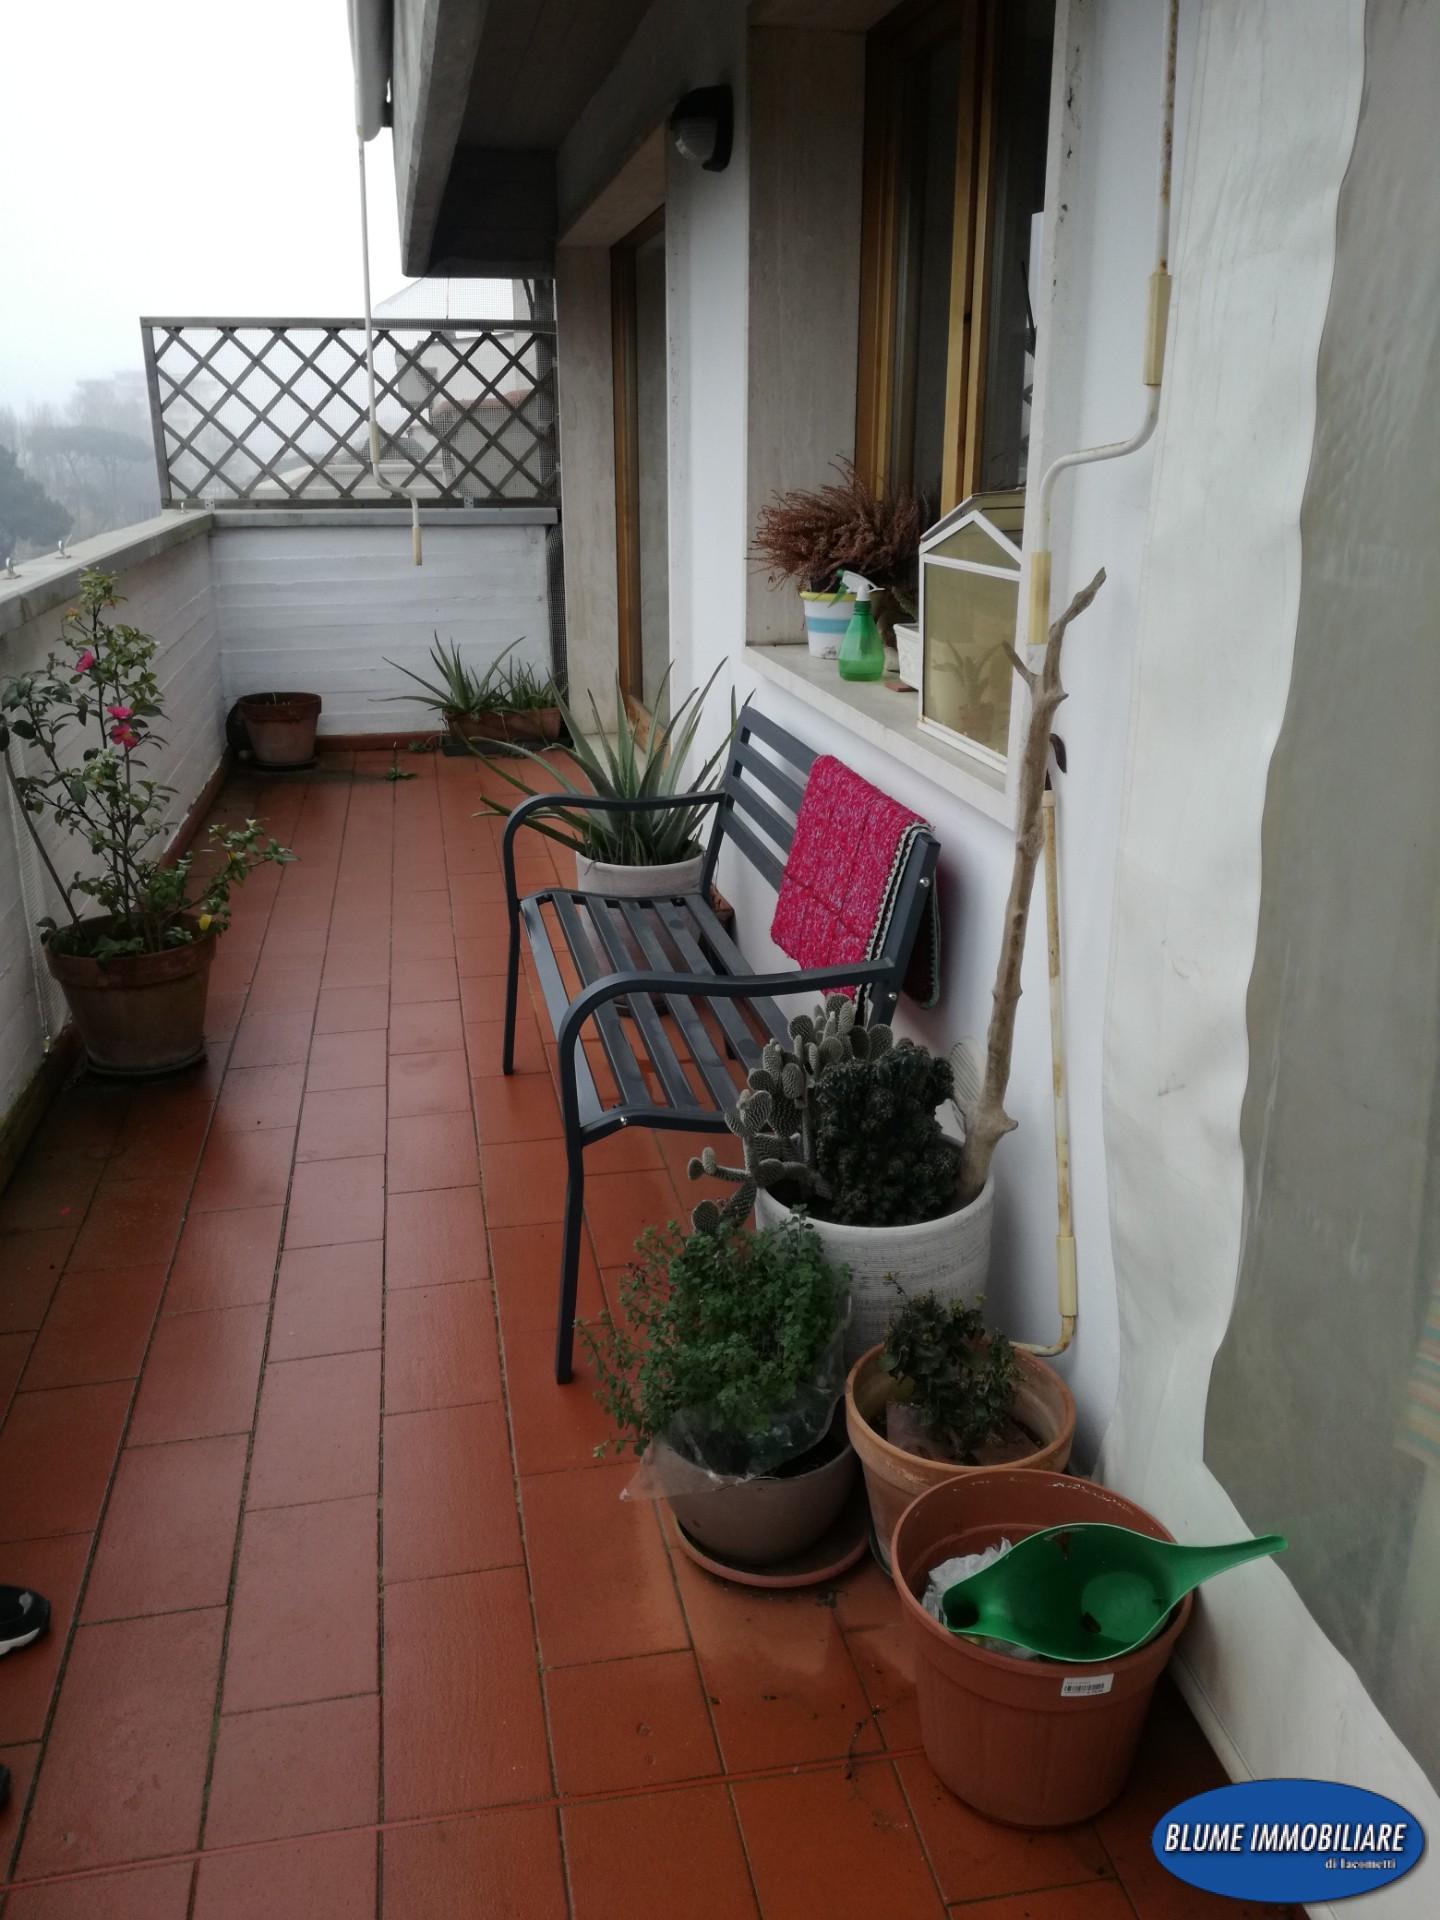 Attico in vendita a Viareggio (LU)